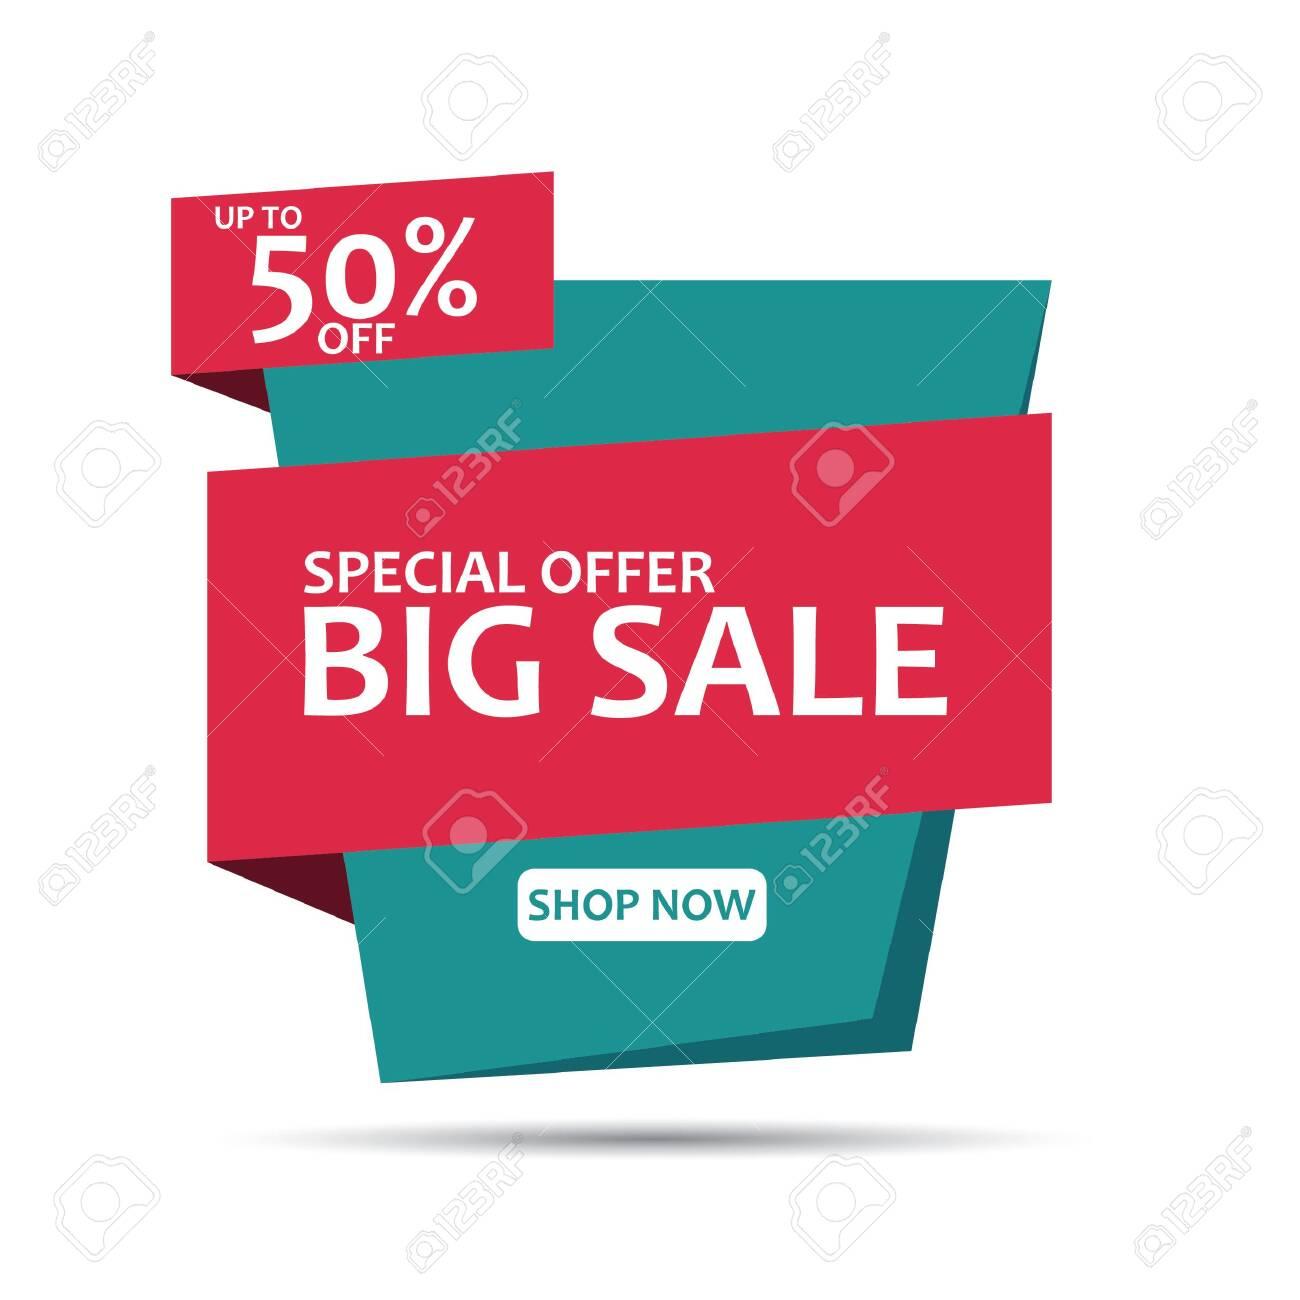 Sale Banner Template Design. Geometric Sale Banner. Big Sale Banner Vector Illustration. - 136331023